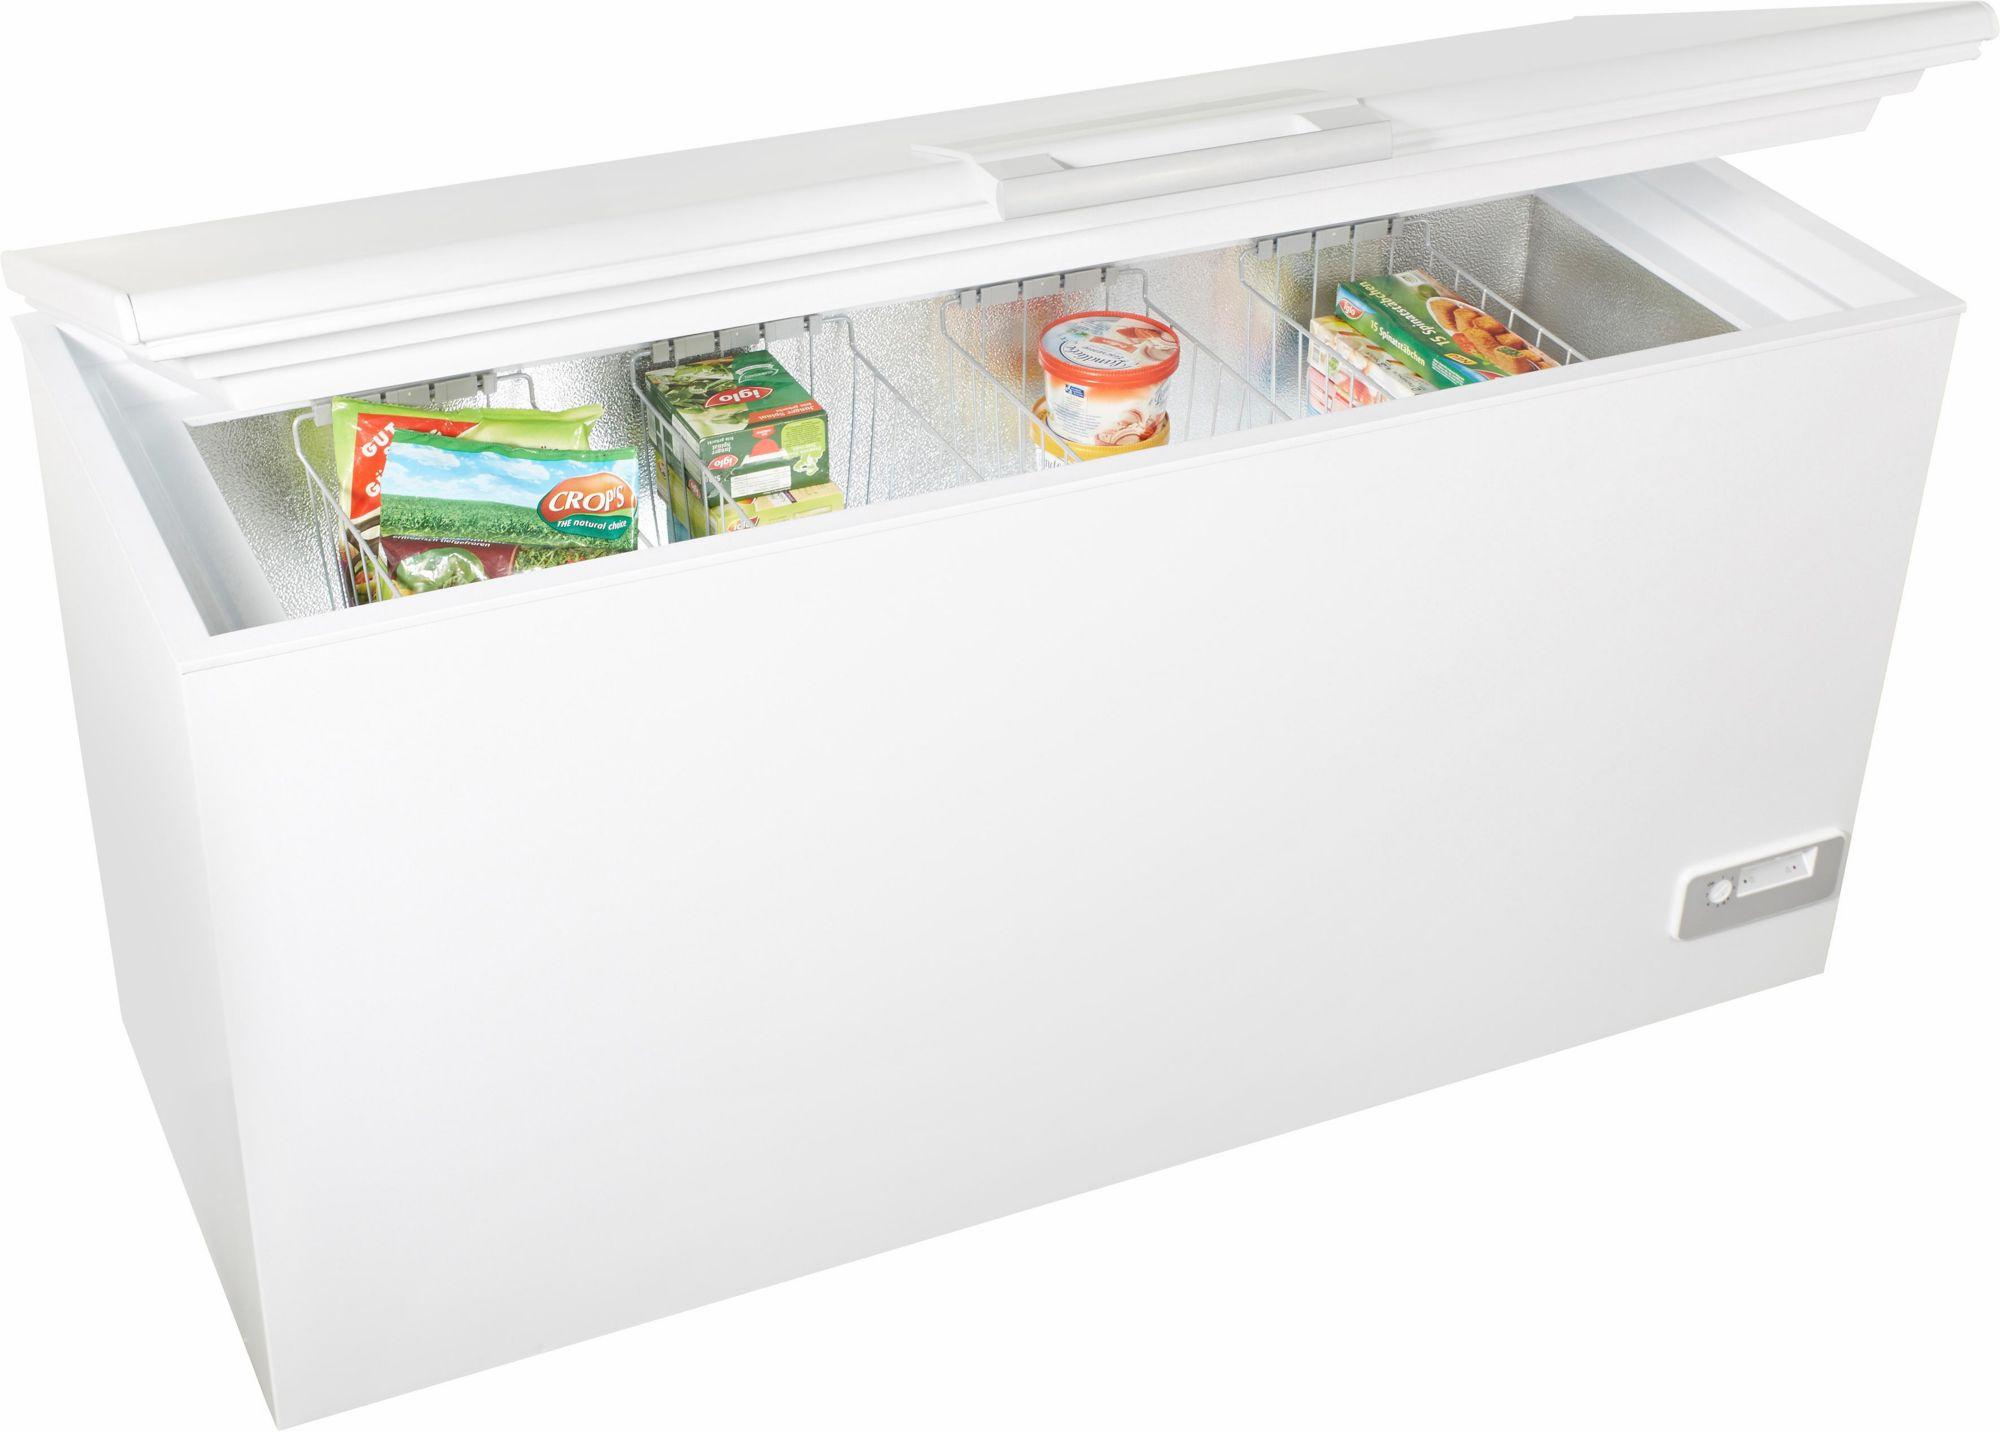 Mini Kühlschrank Mit Gefrierfach 48 L A Gefrierschrank Kühlbox Kühler Hotel : Aktuelle angebote kaufroboter die discounter suchmaschine